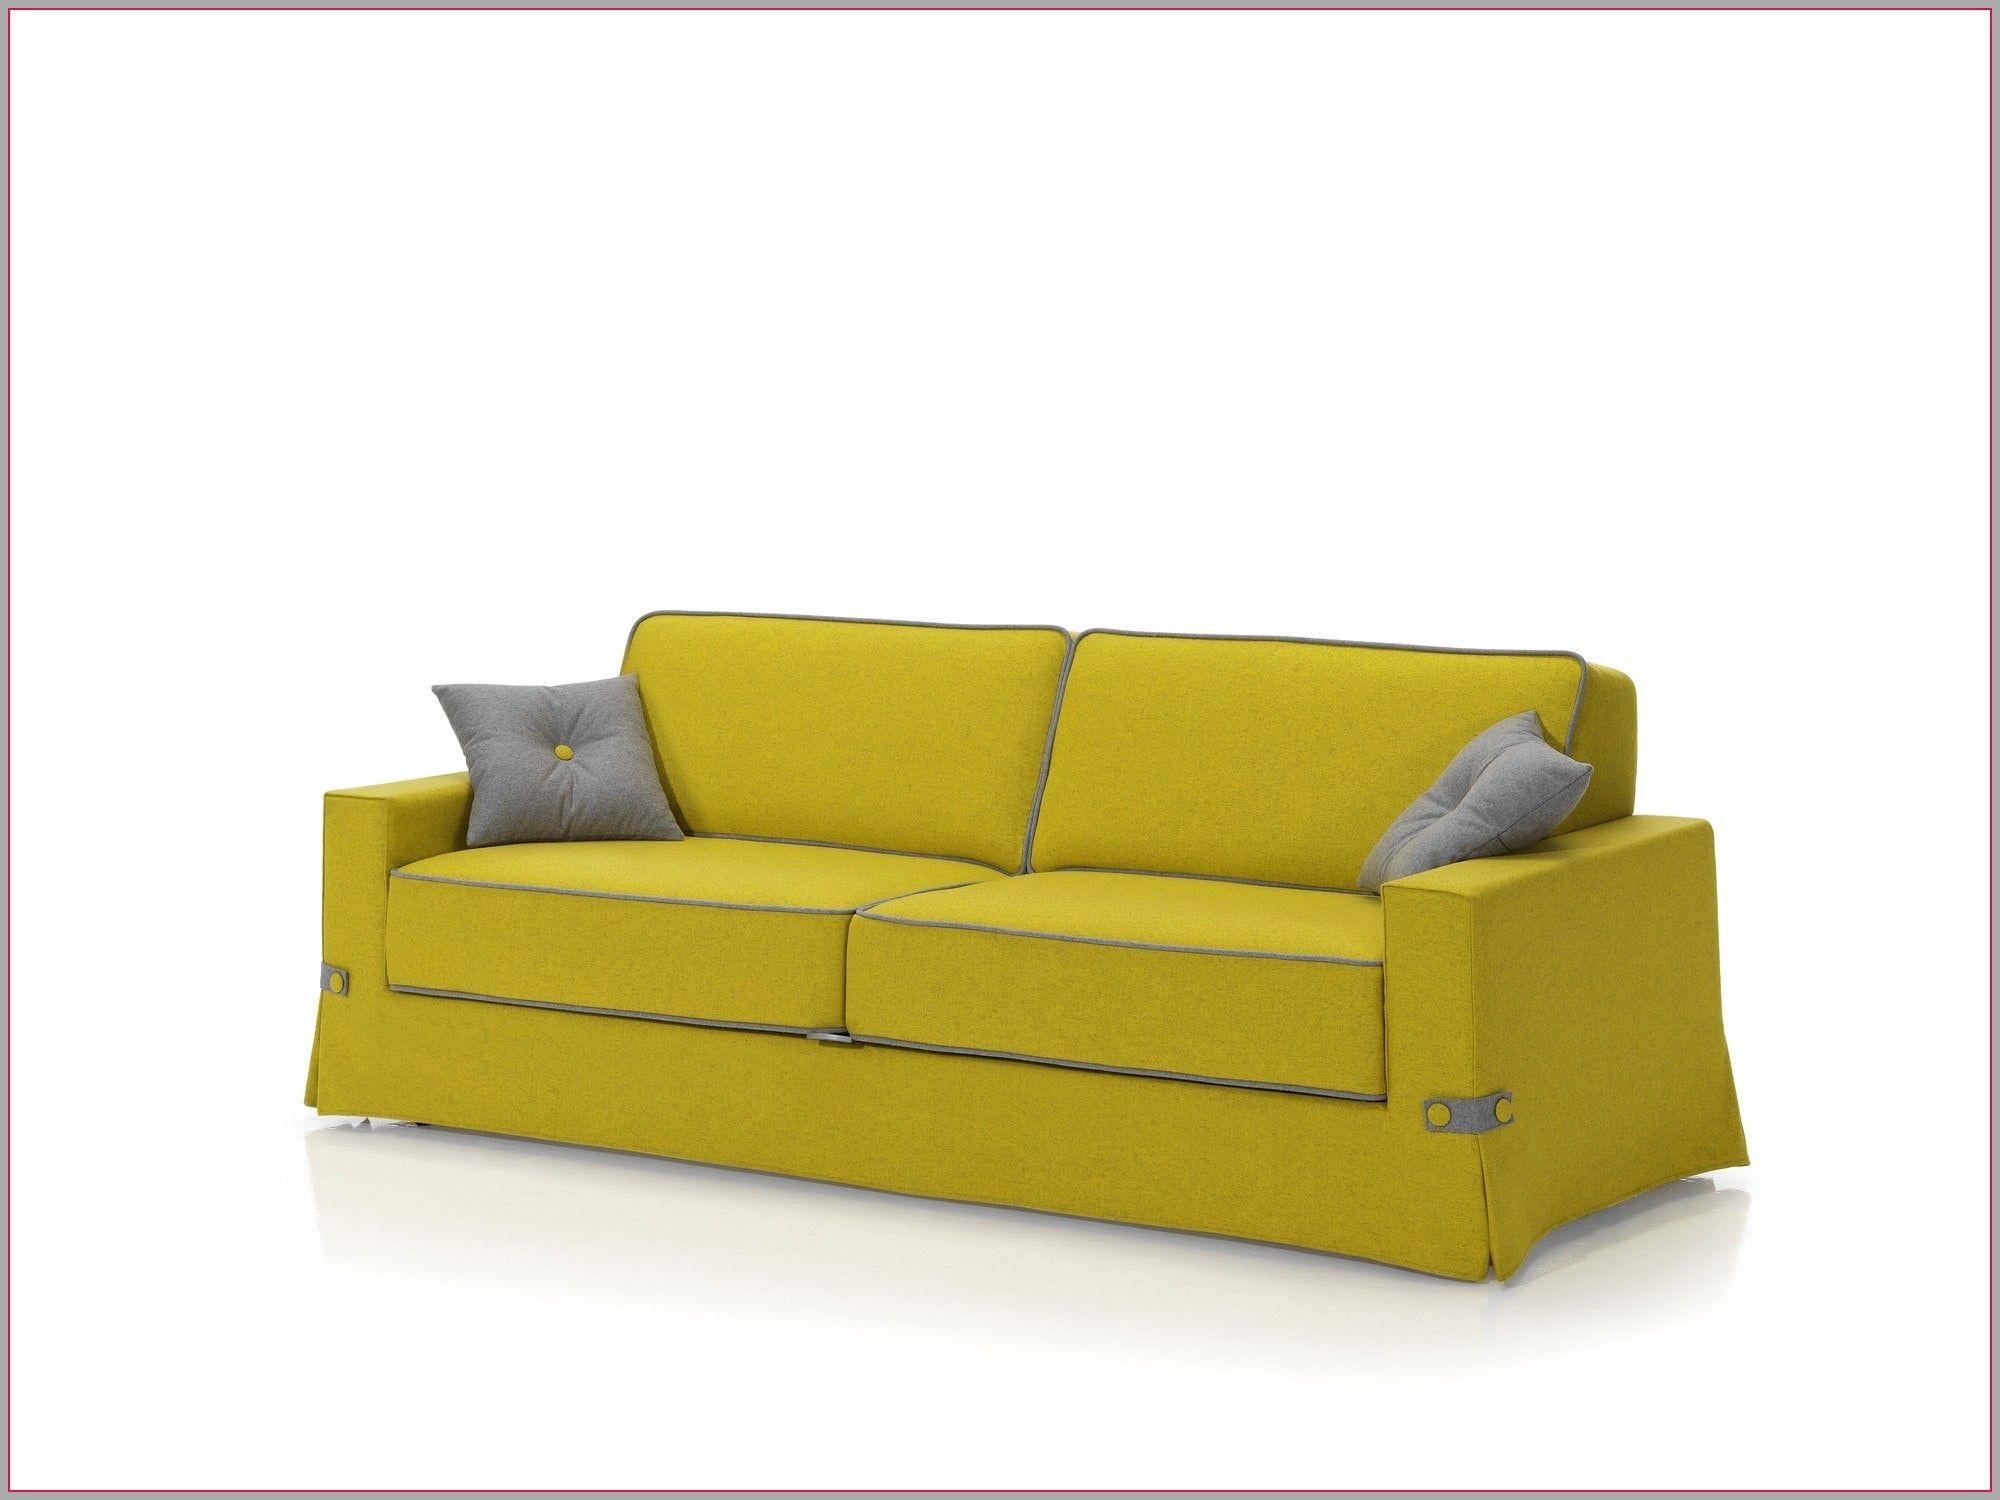 Ikea Canapé 2 Places Convertible Impressionnant Collection La Charmant Choisir Un Canapé Conception  Perfectionner La G Te